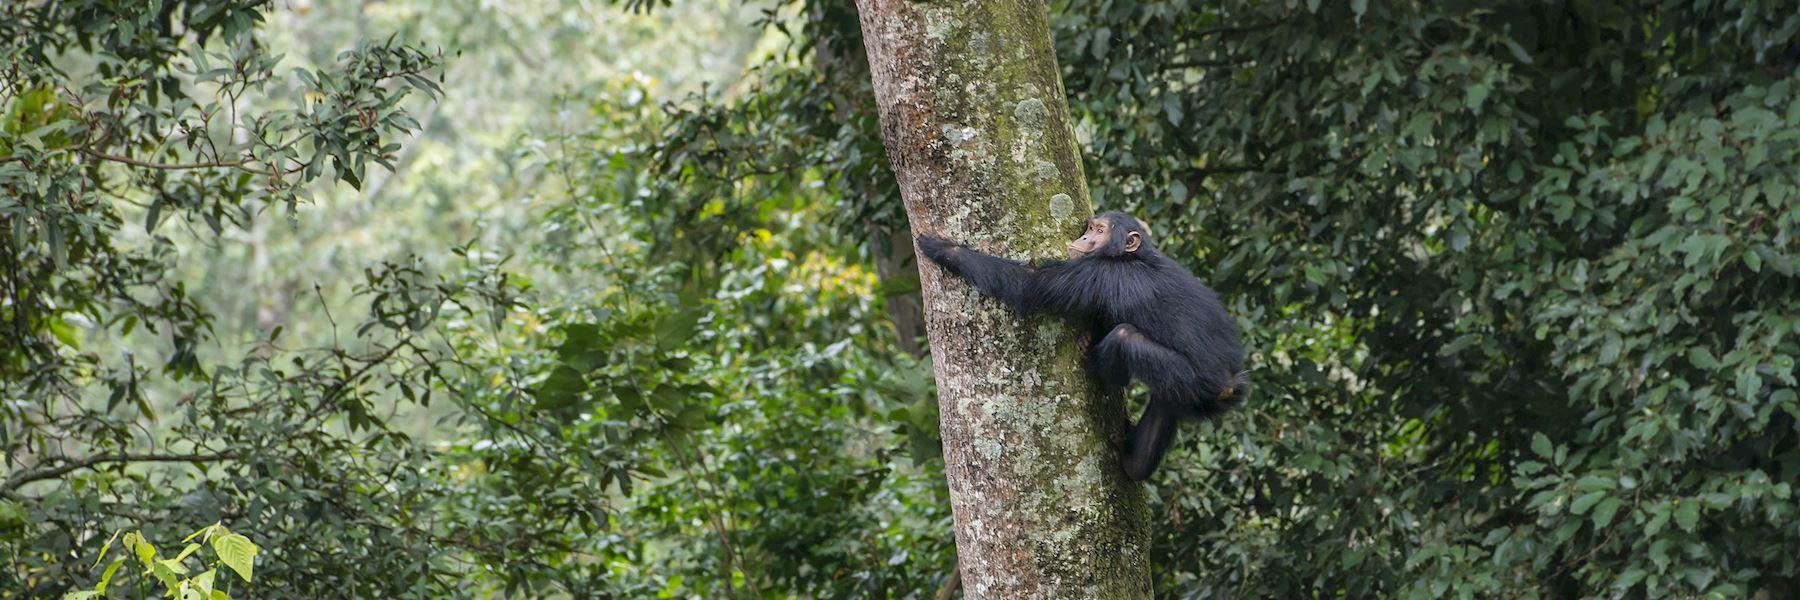 Visit Nyungwe Forest, Rwanda